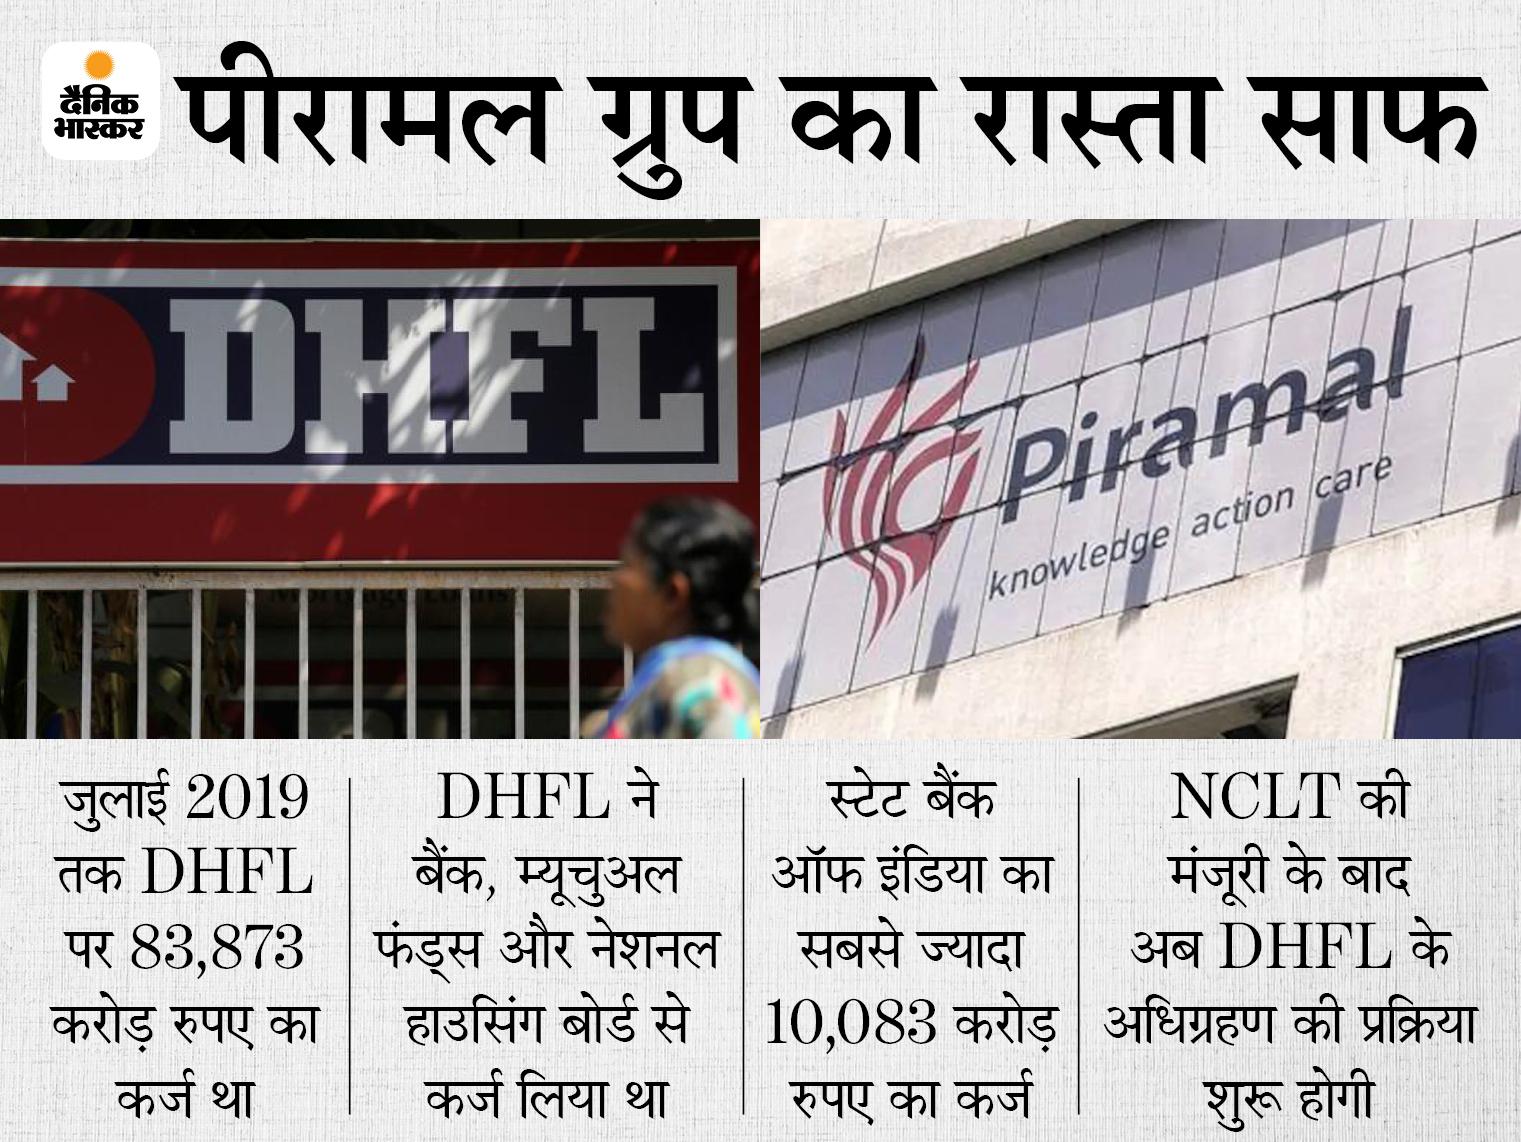 NCLT ने पीरामल ग्रुप के ऑफर को दी सशर्त मंजूरी, 37,250 करोड़ रुपए की लगाई है बोली बिजनेस,Business - Dainik Bhaskar